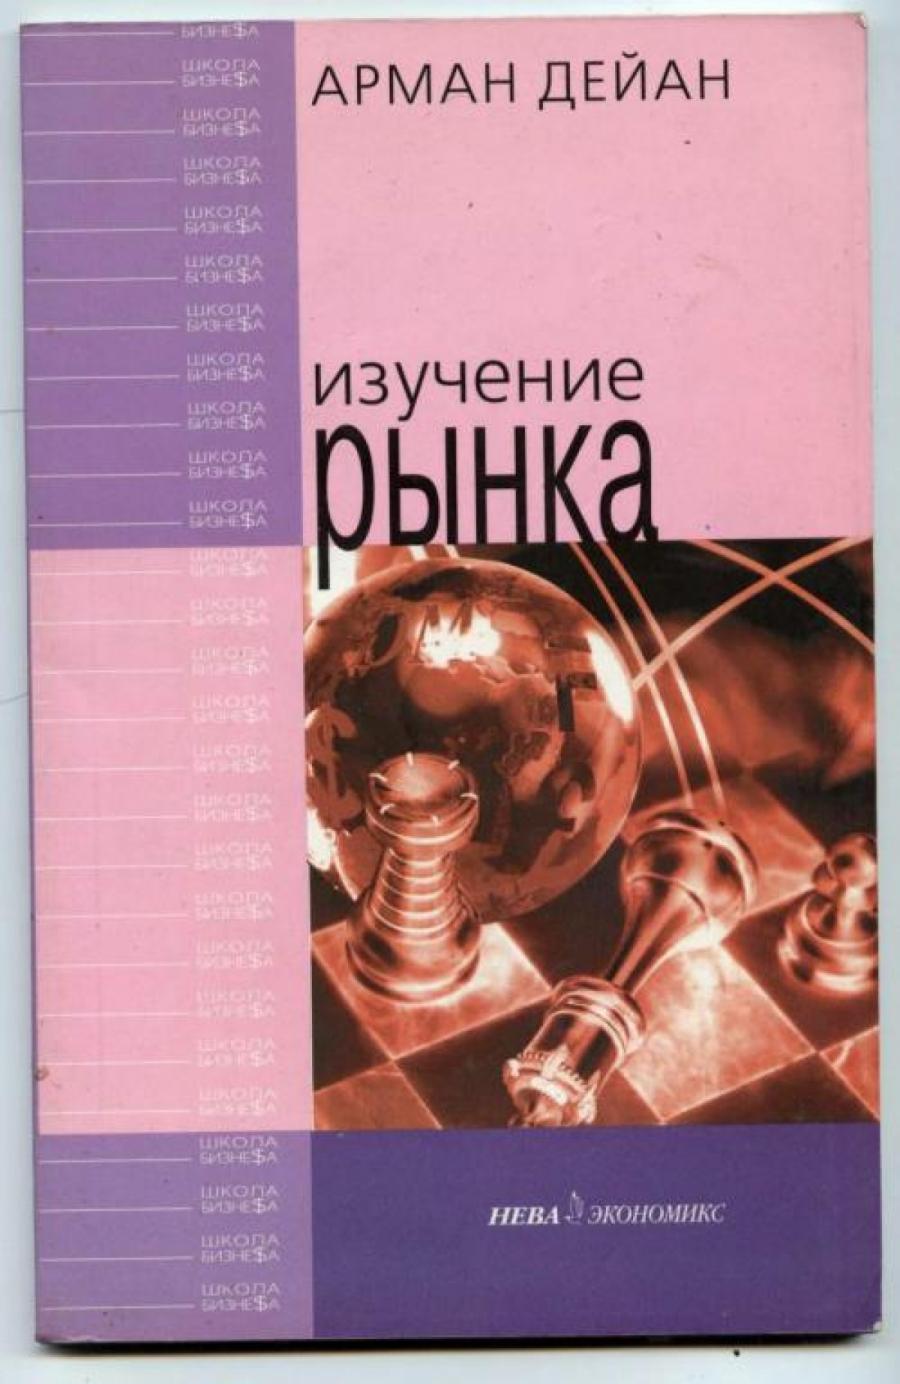 Обложка книги:  арман дейан - изучение рынка